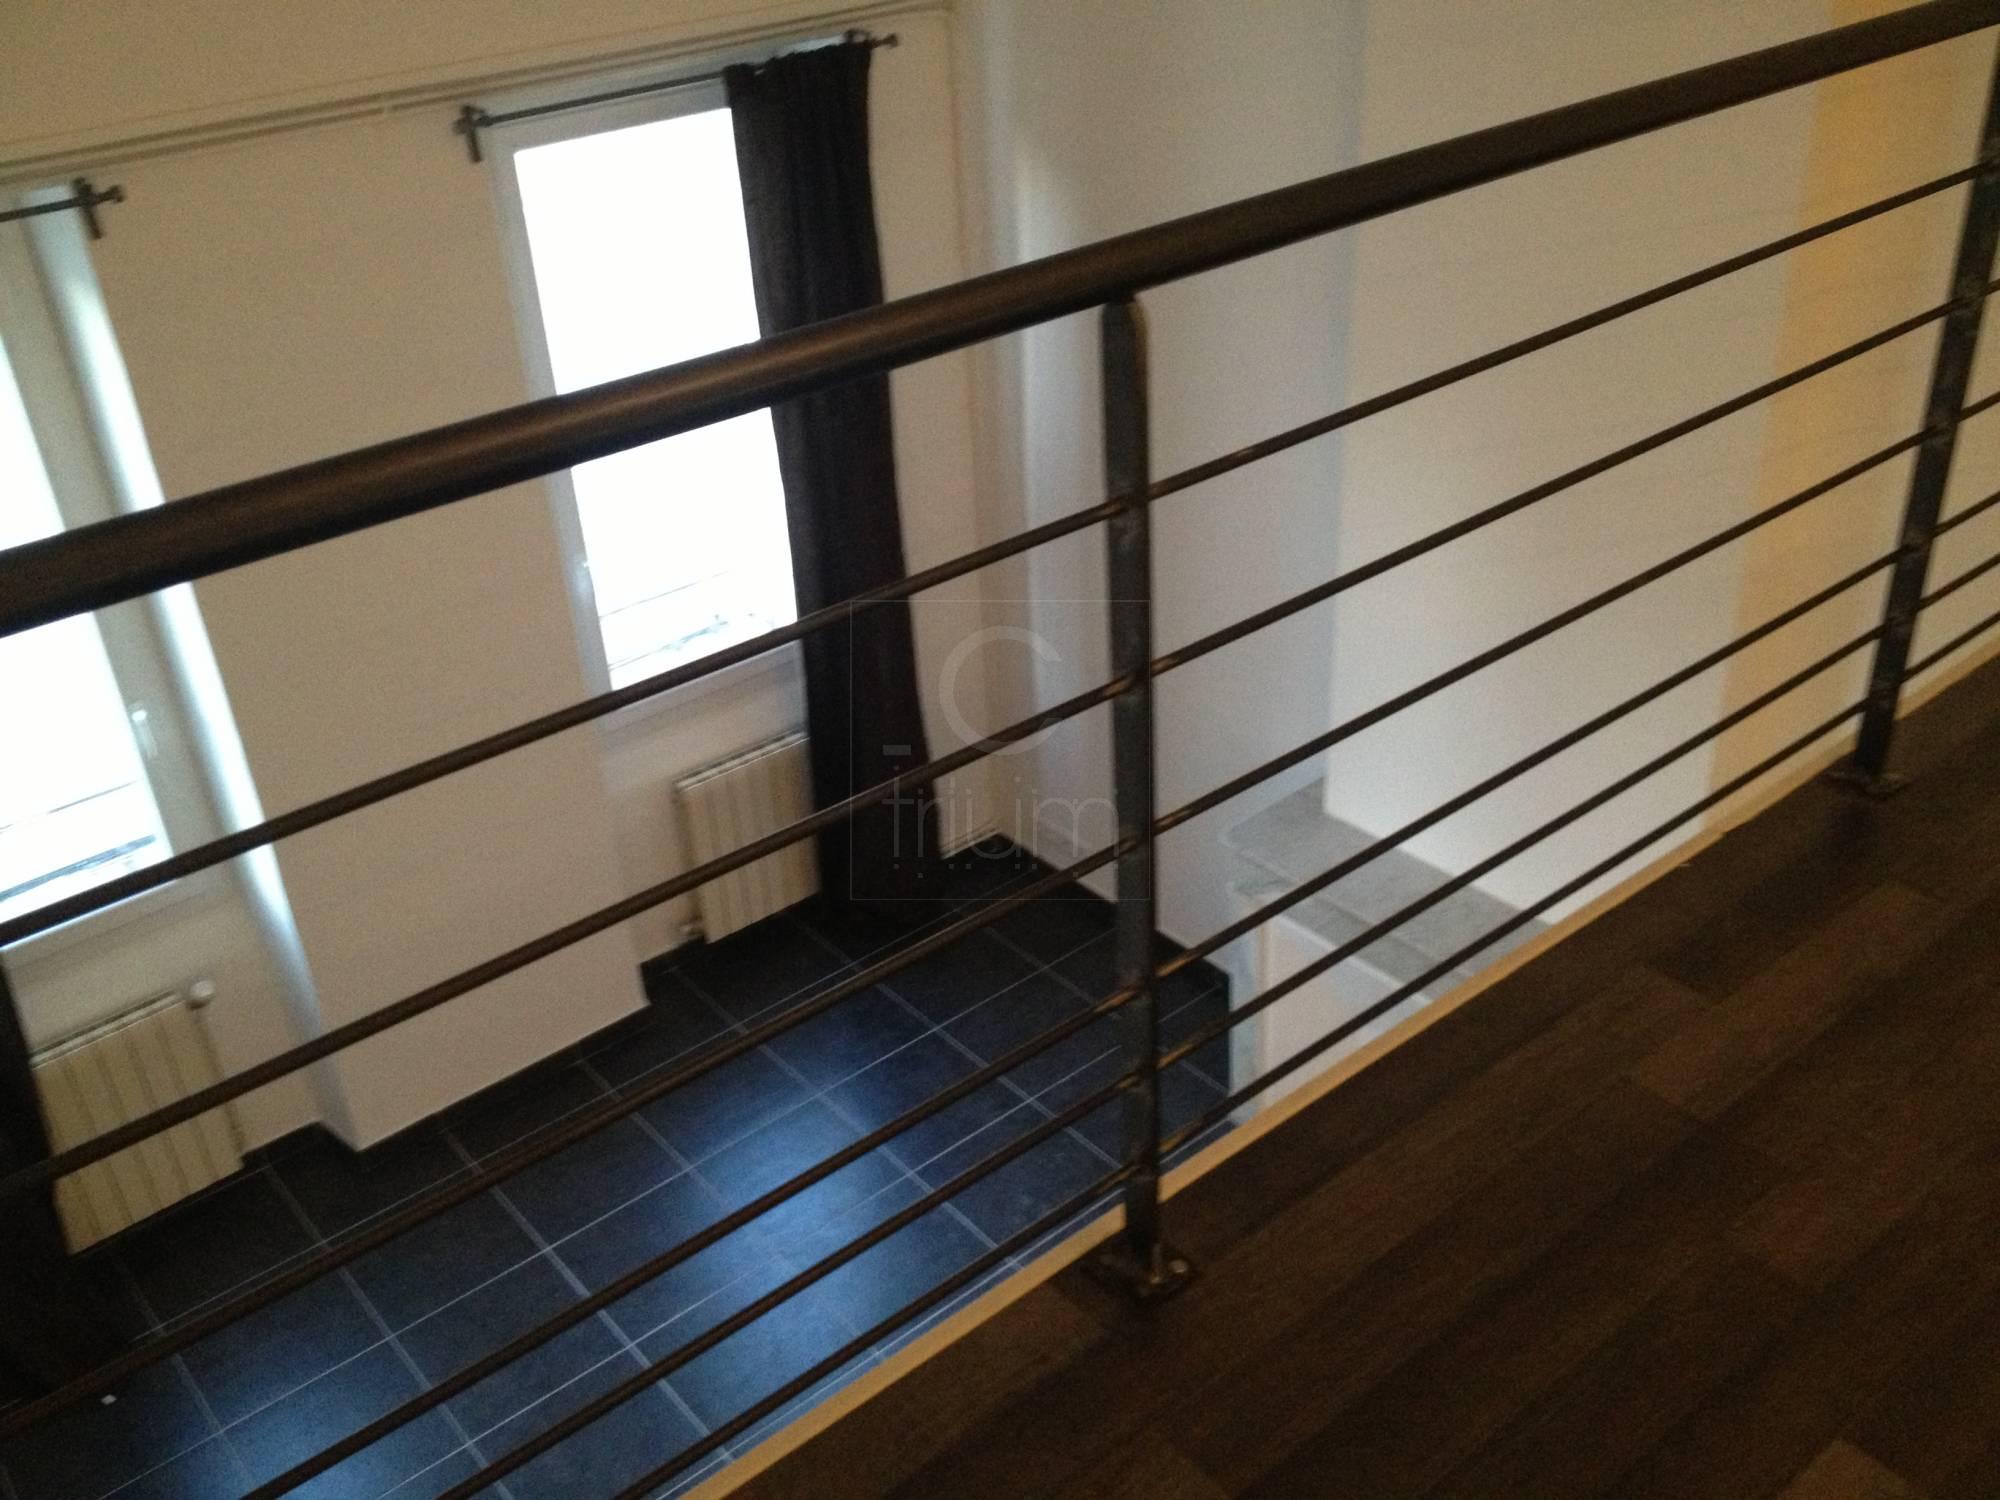 Location appartement t4 f4 marseille 7eme endoume dernier for Deco appartement f4